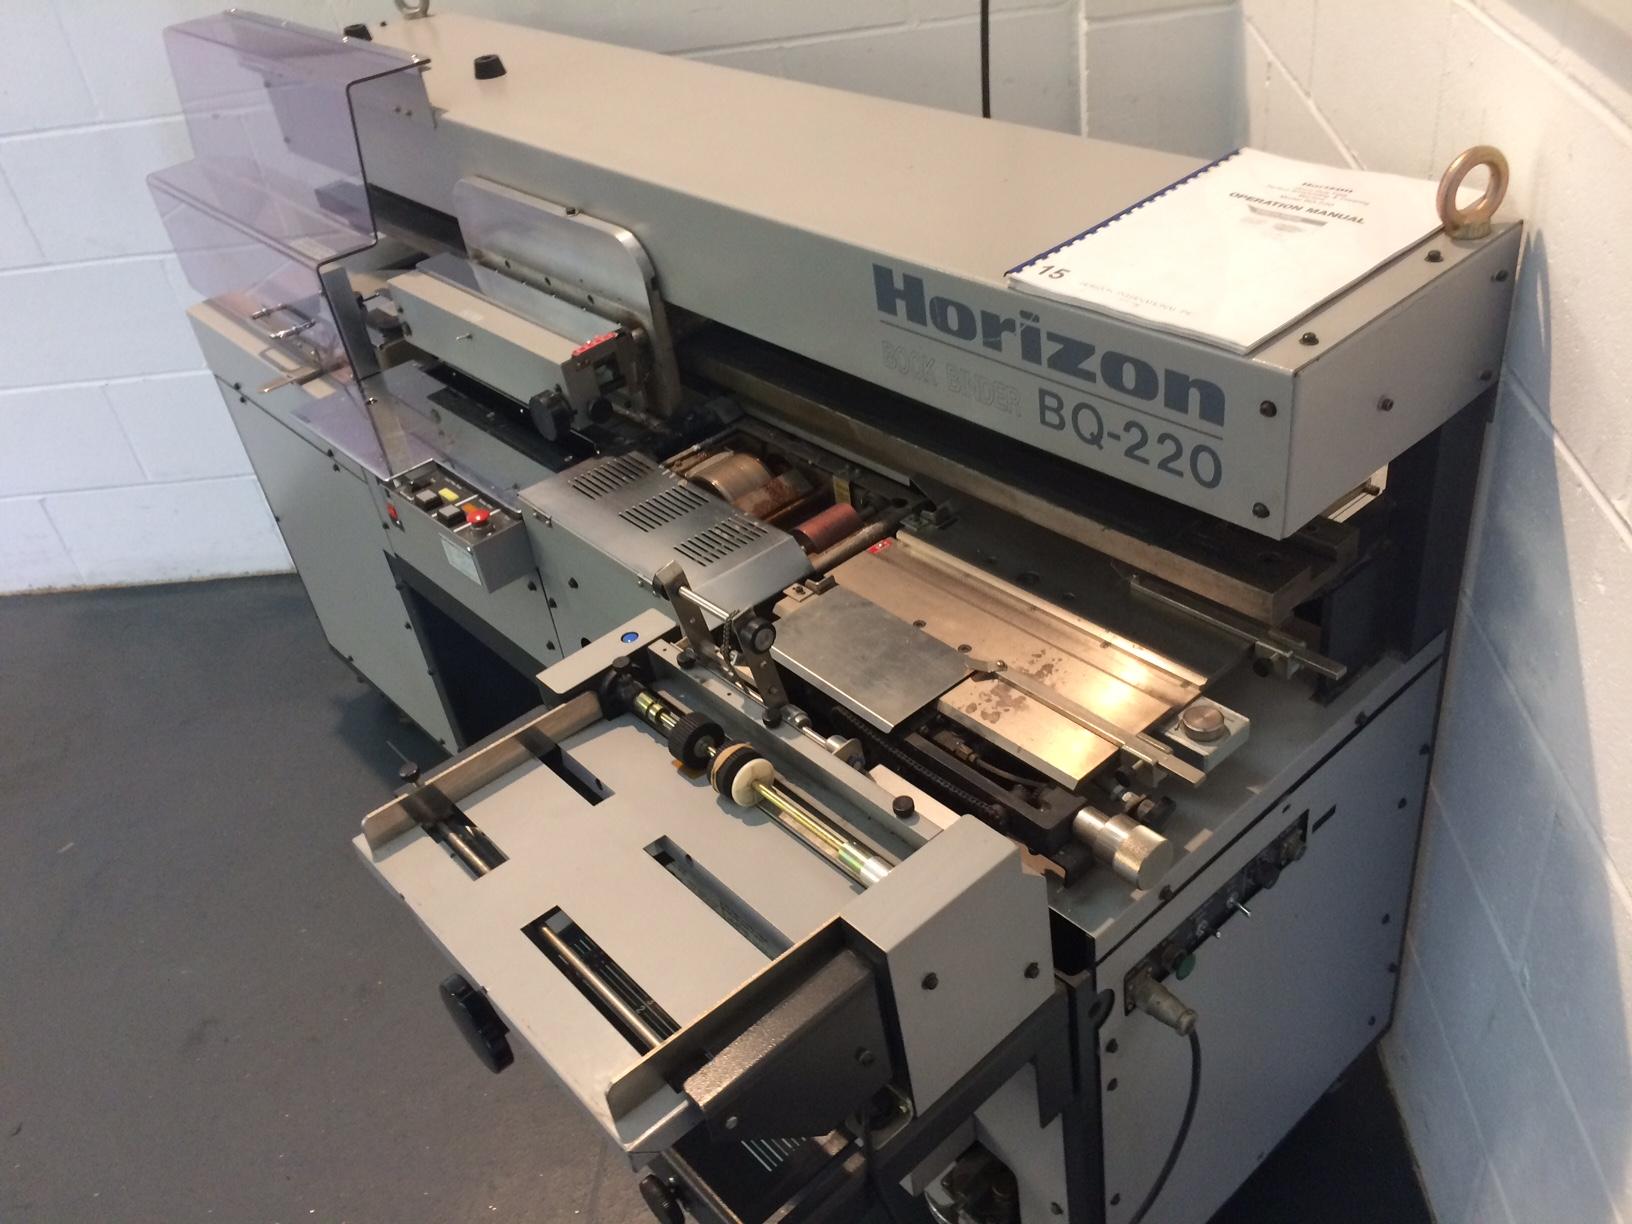 Horizon Bq 220 Perfect Binding Machine